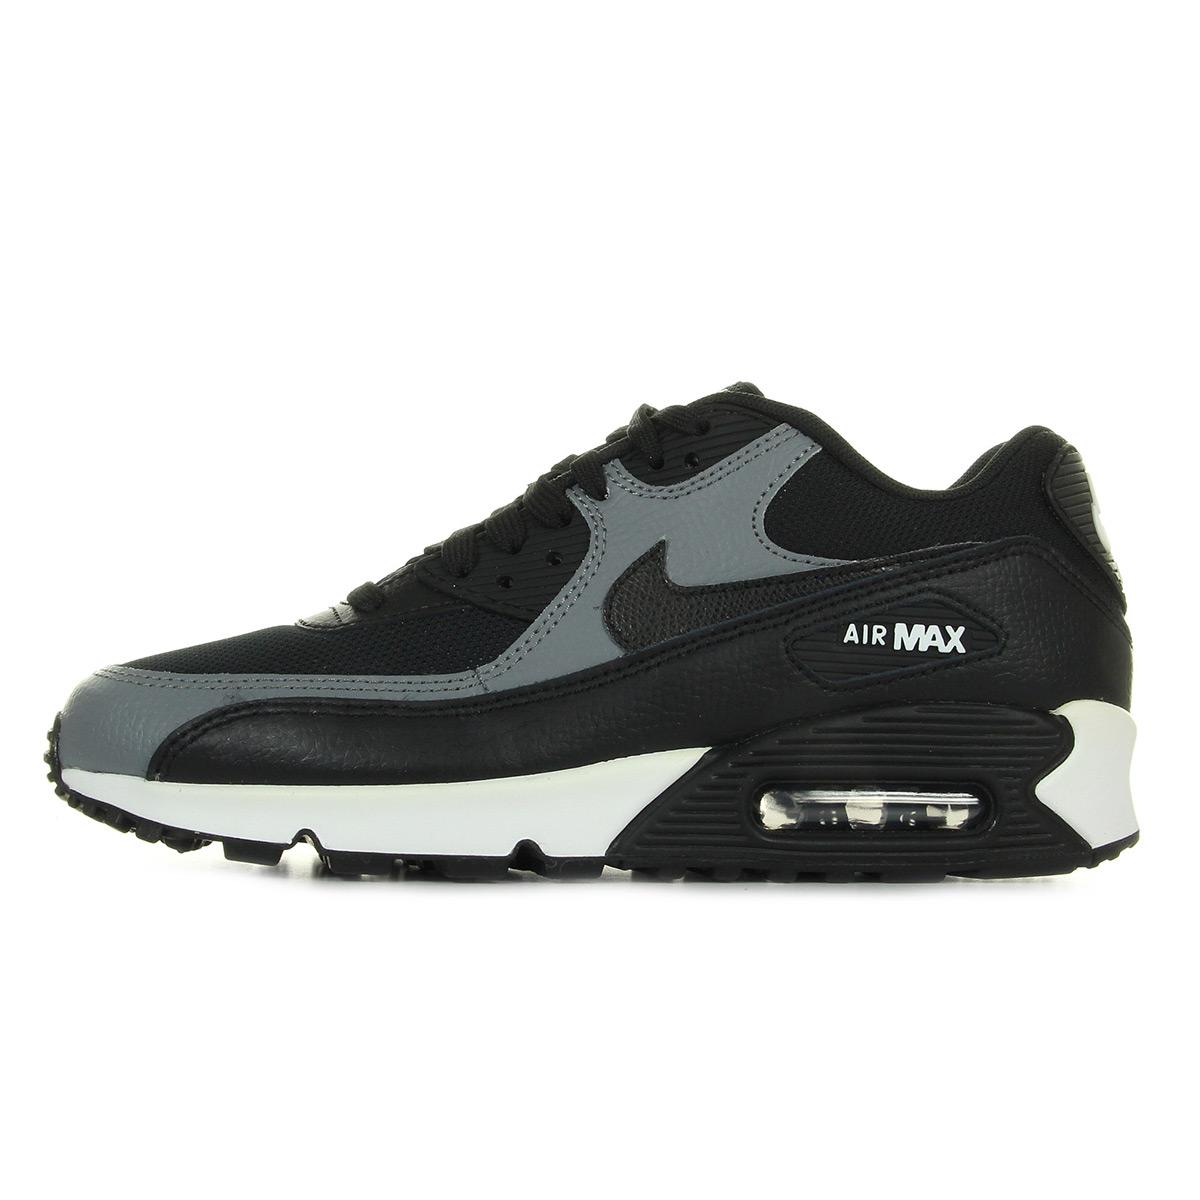 Nike Air Max 90 325213037, Baskets mode femme